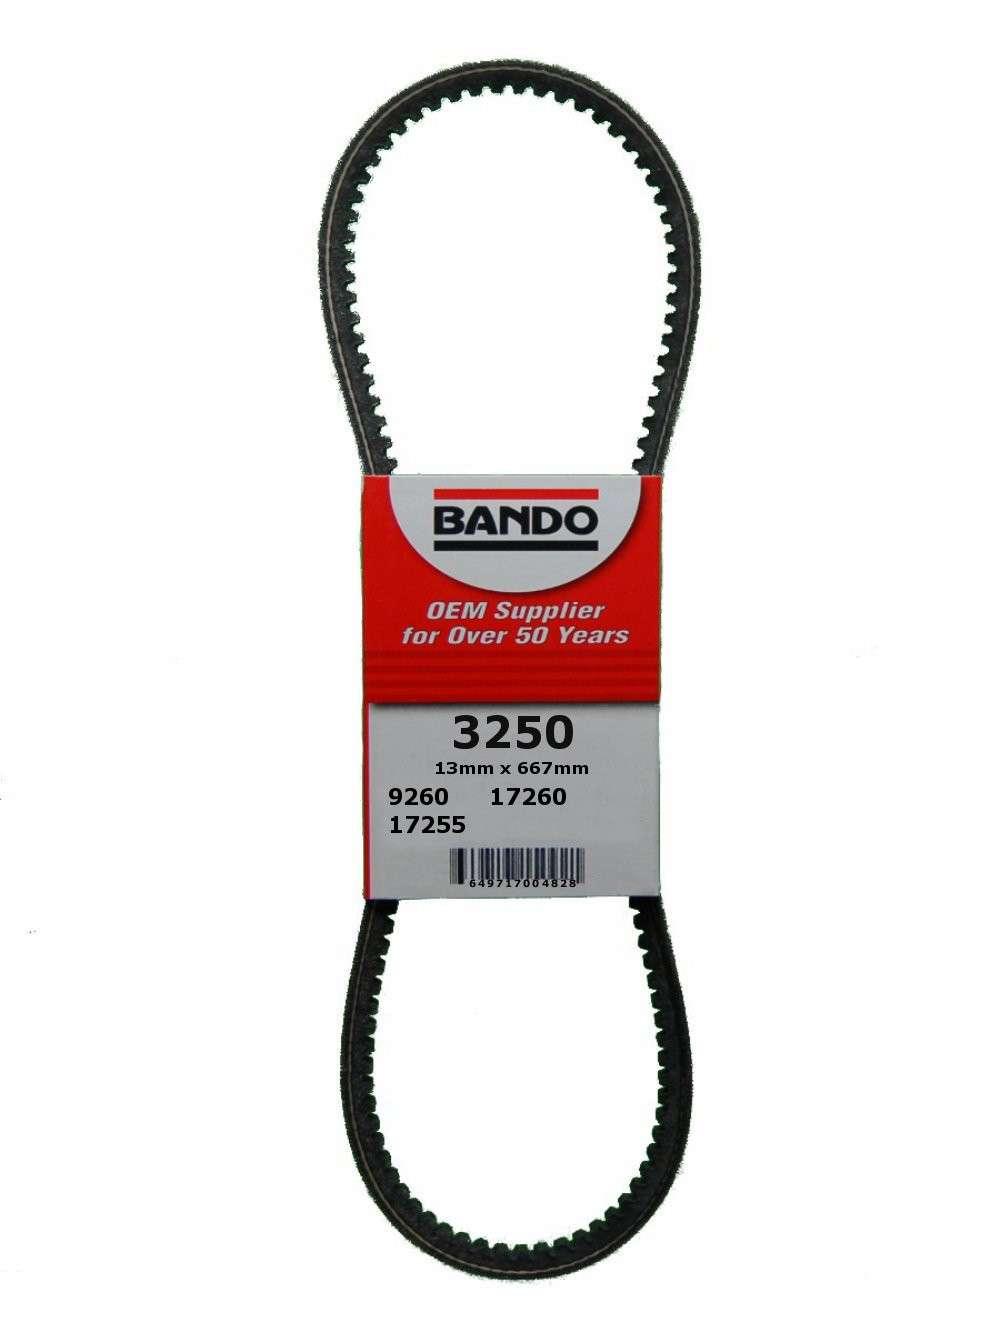 BANDO - Accessory Drive Belt - BWO 3250